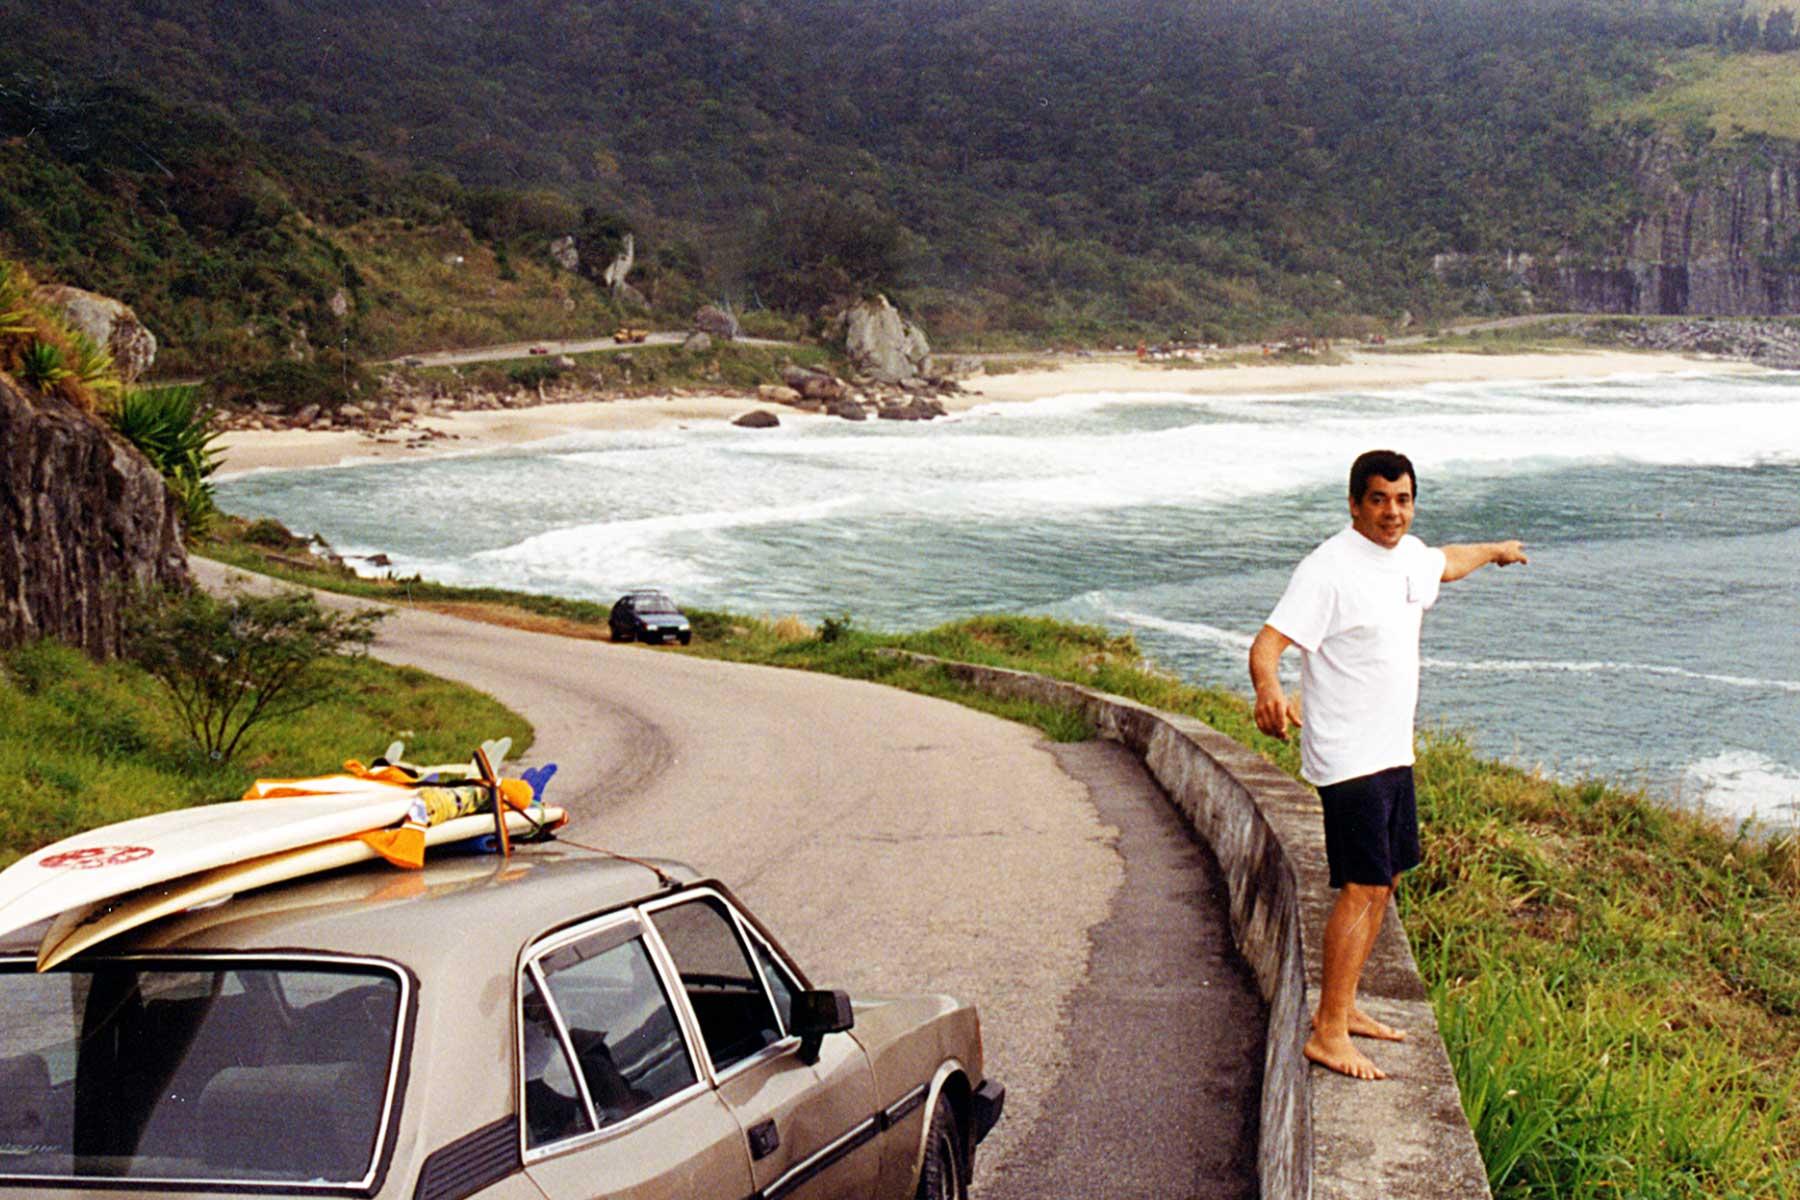 Brazil   Rio   Surfing   Steven Andrew Martin   South America   Travel Journal   Dr Steven Martin